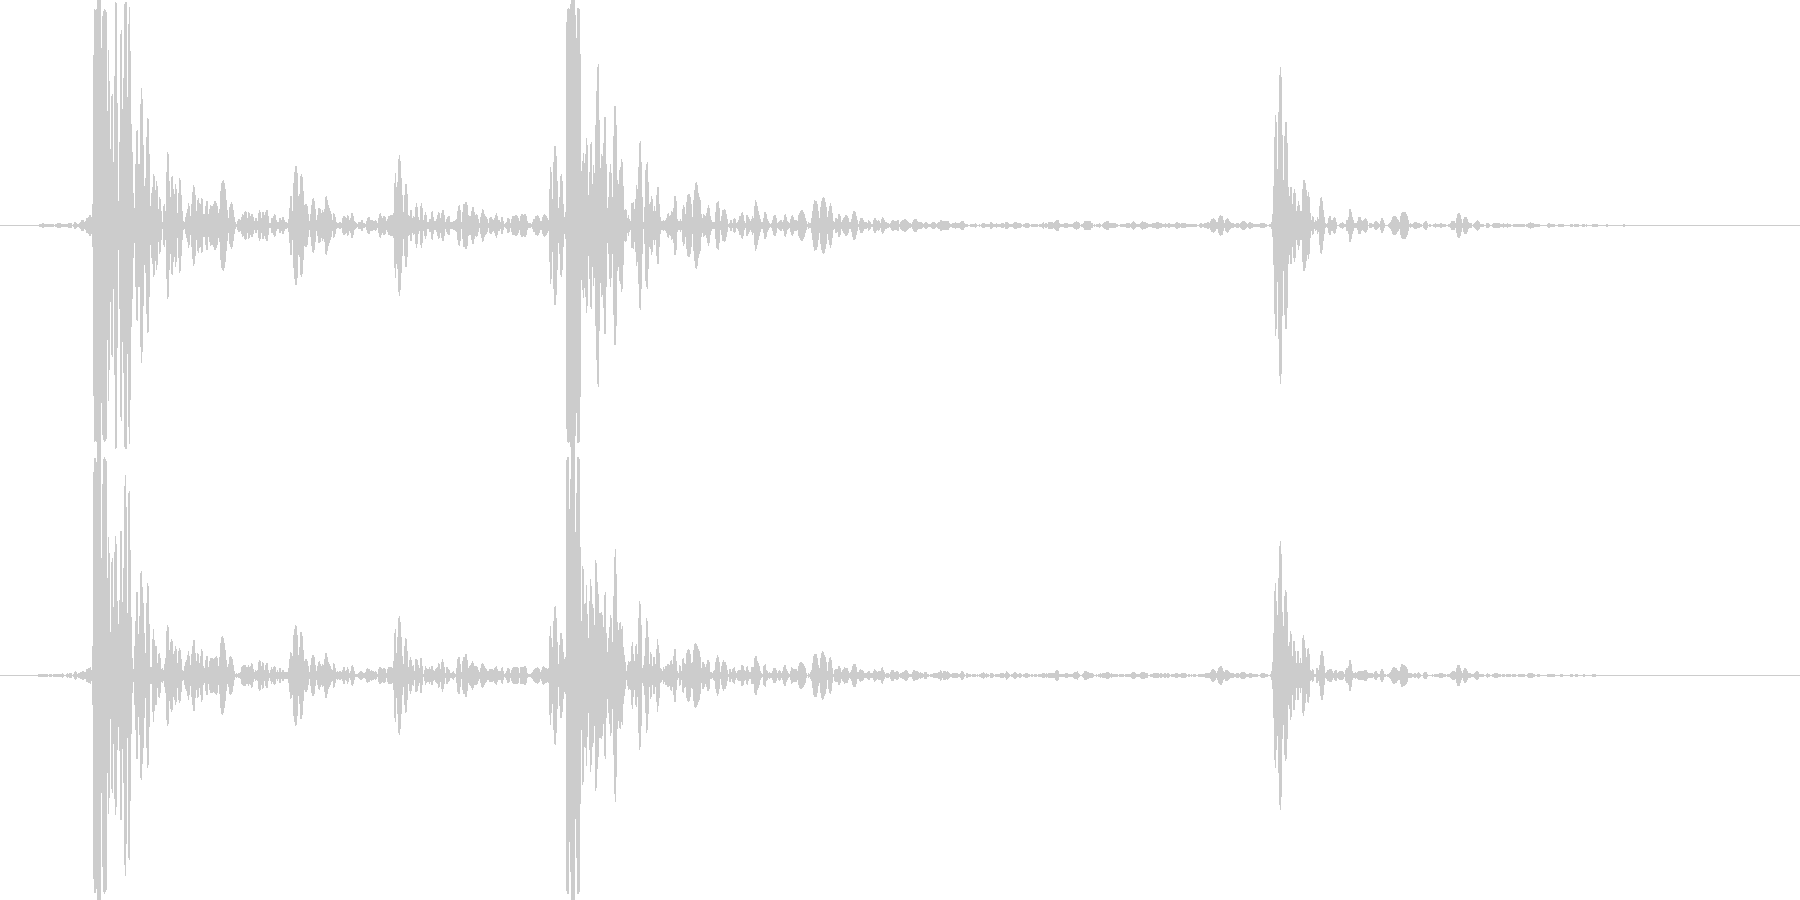 木製の机に石ころを置いた音の未再生の波形